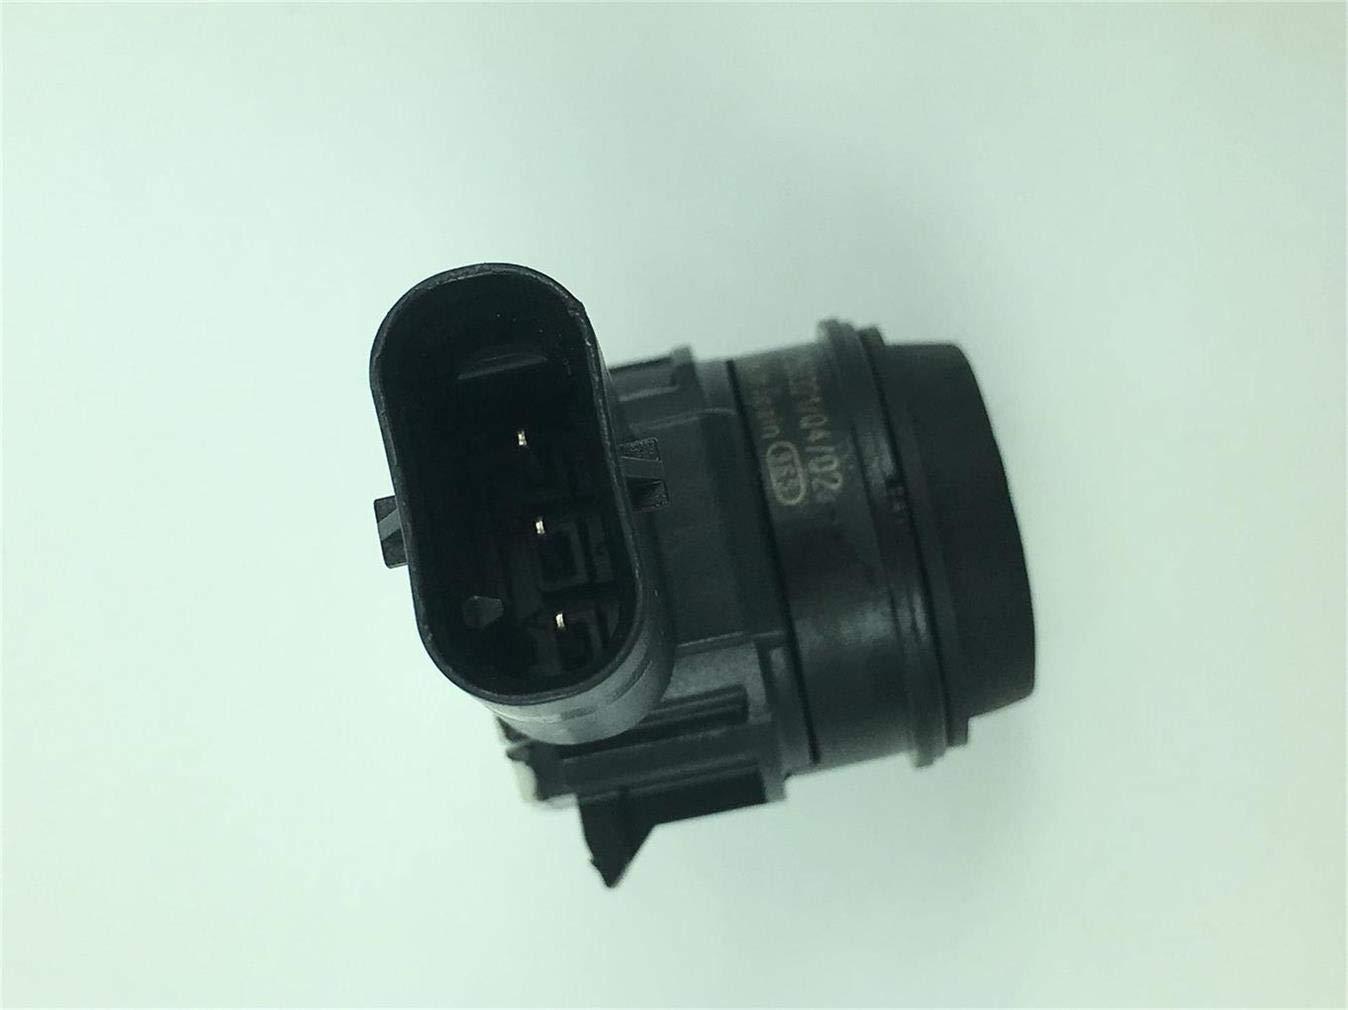 Hass Foshan Auto Parts PDC Parking Sensor 9261588#0263013516 for BMW F20 F21 F31 F32 F33 F34 F36